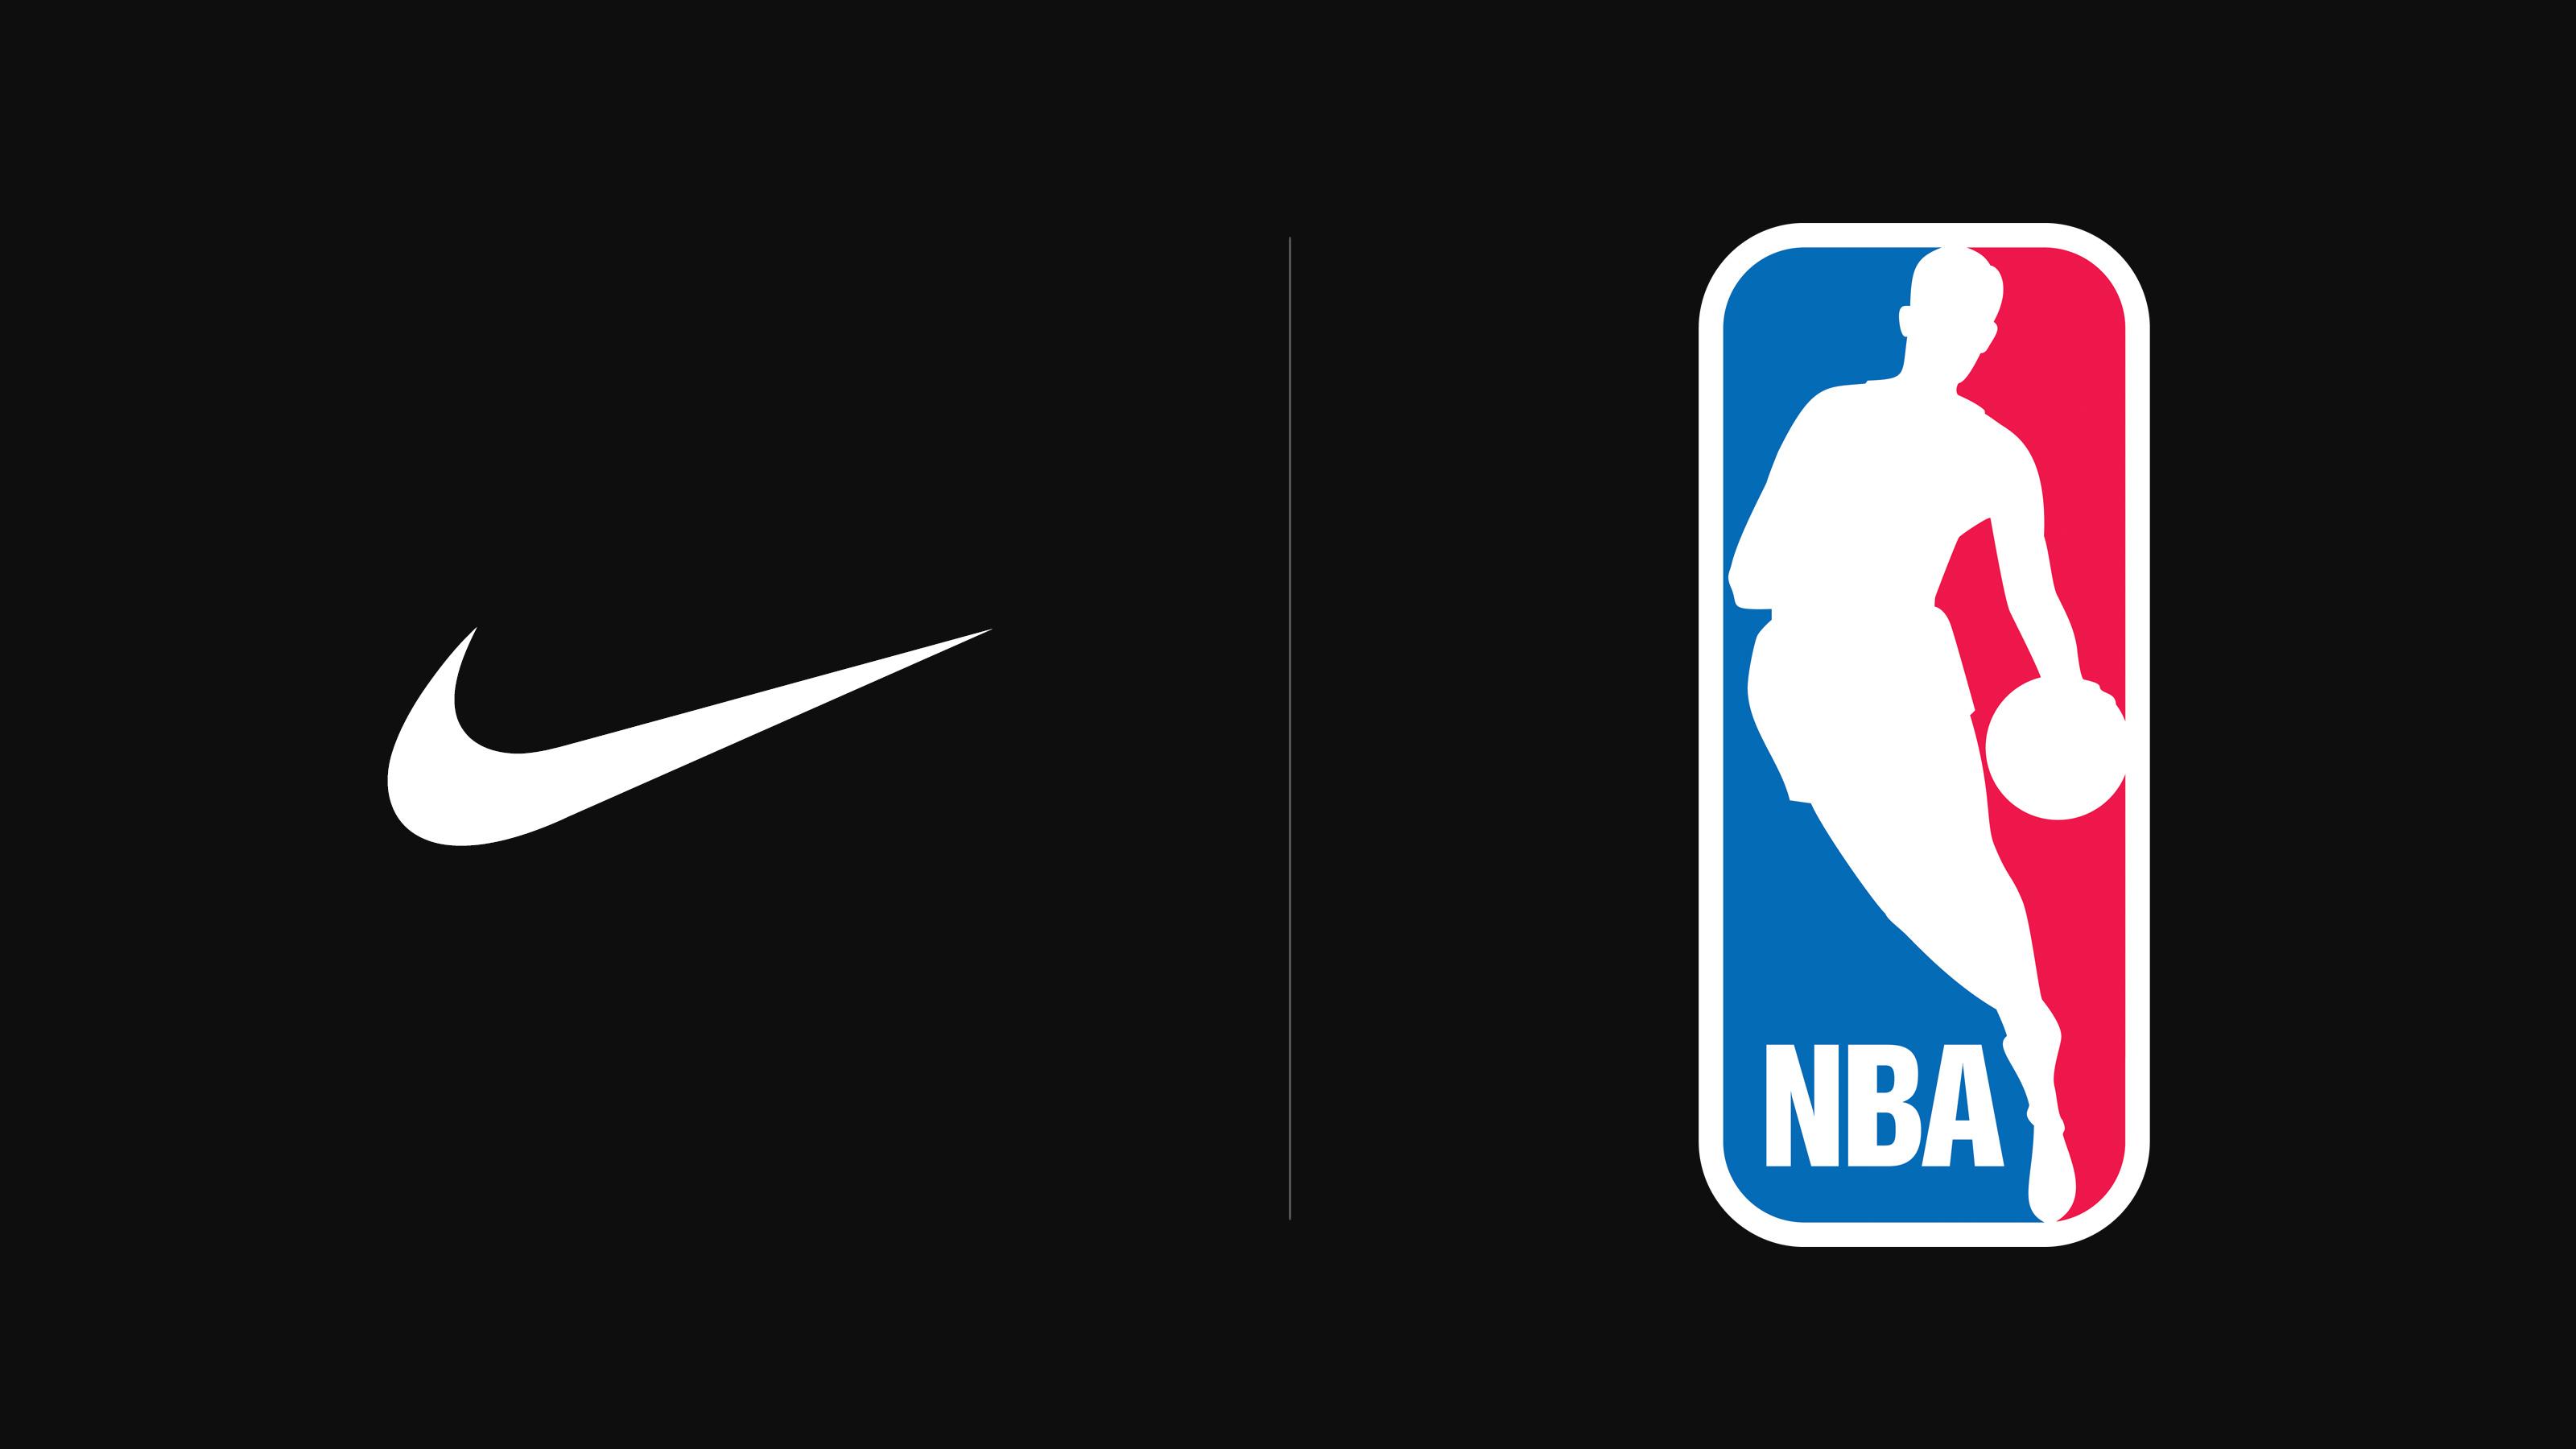 competitive price 92073 898b5 La NBA da a conocer las nuevas camisetas oficiales de la firma Nike